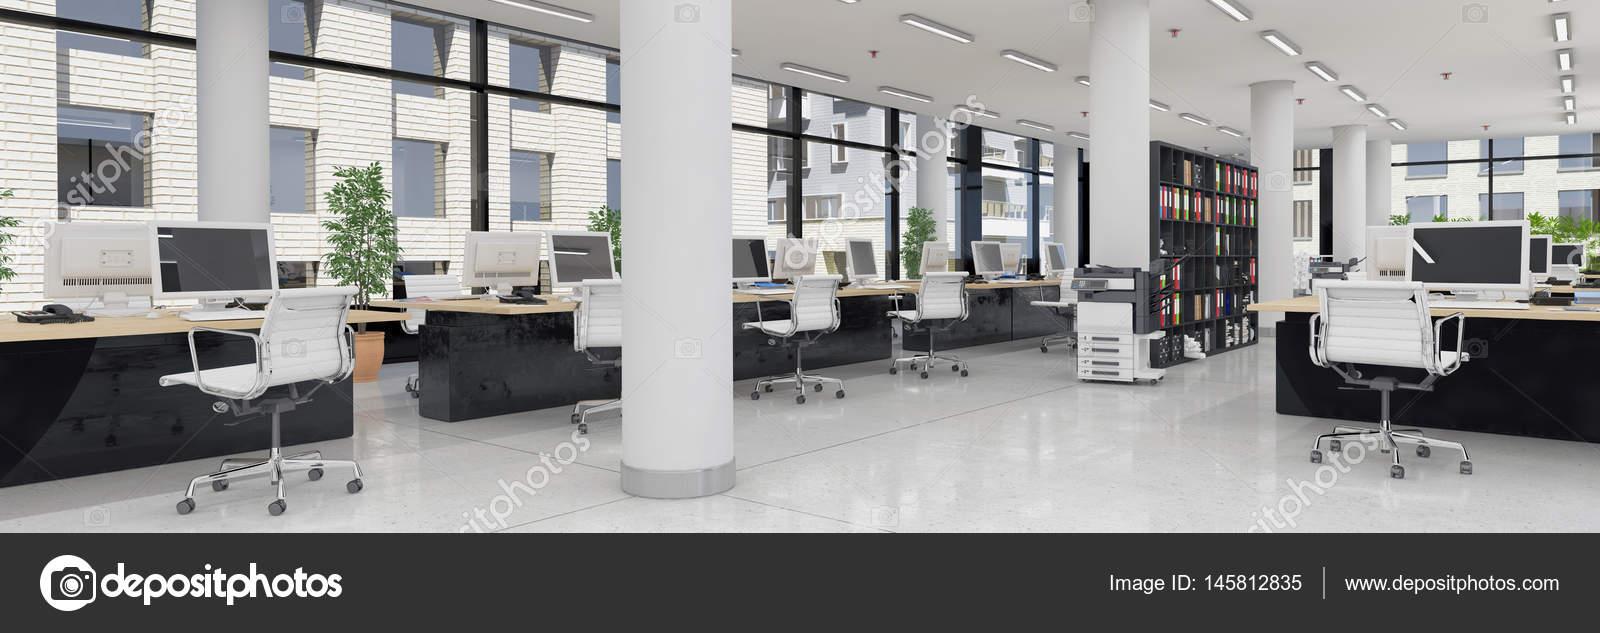 Oficinas plantas libres render 3d panorama de oficina for Oficinas enterprise